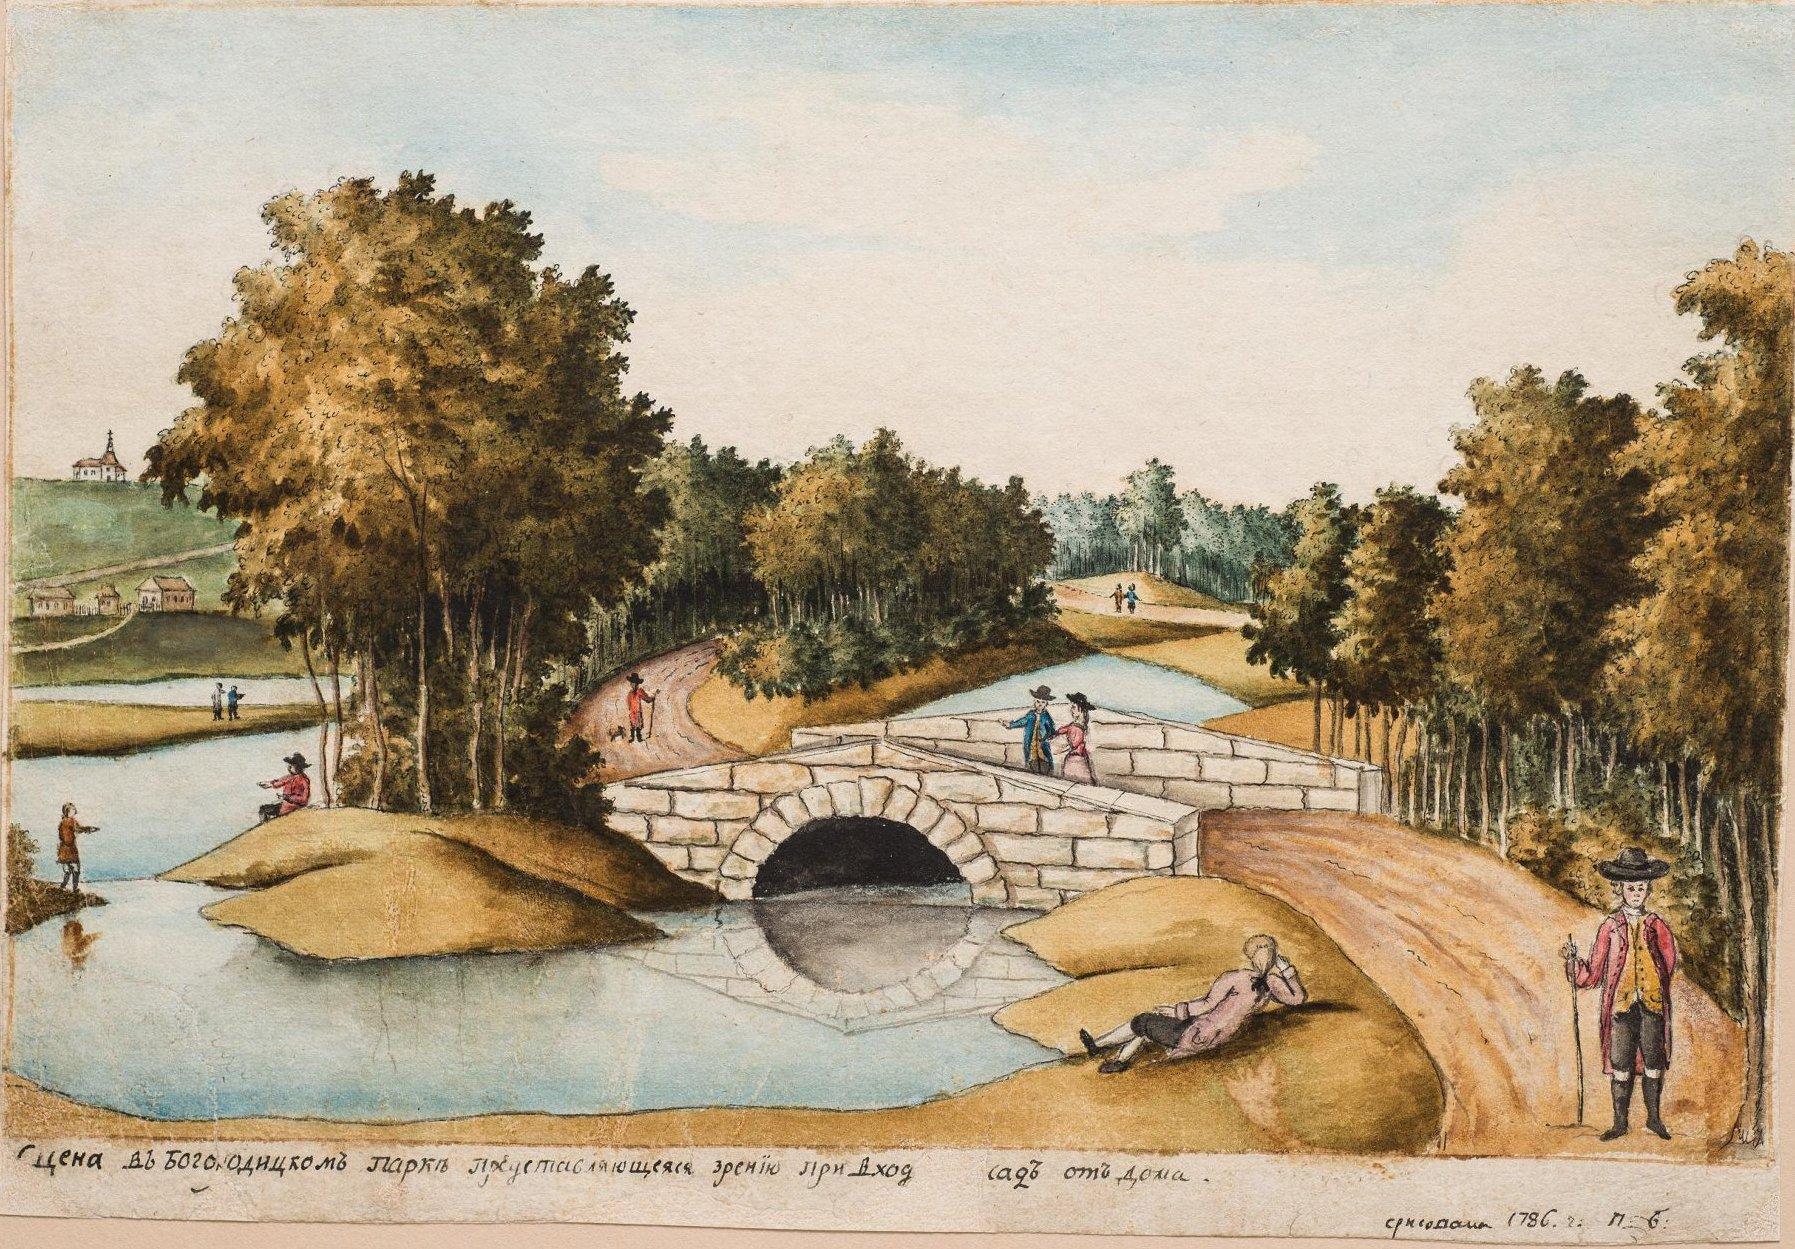 Вид Богородицкого парка от дворца (Сцена в Богородицком Парке представляющаяся зрению при входе в сад от дома)